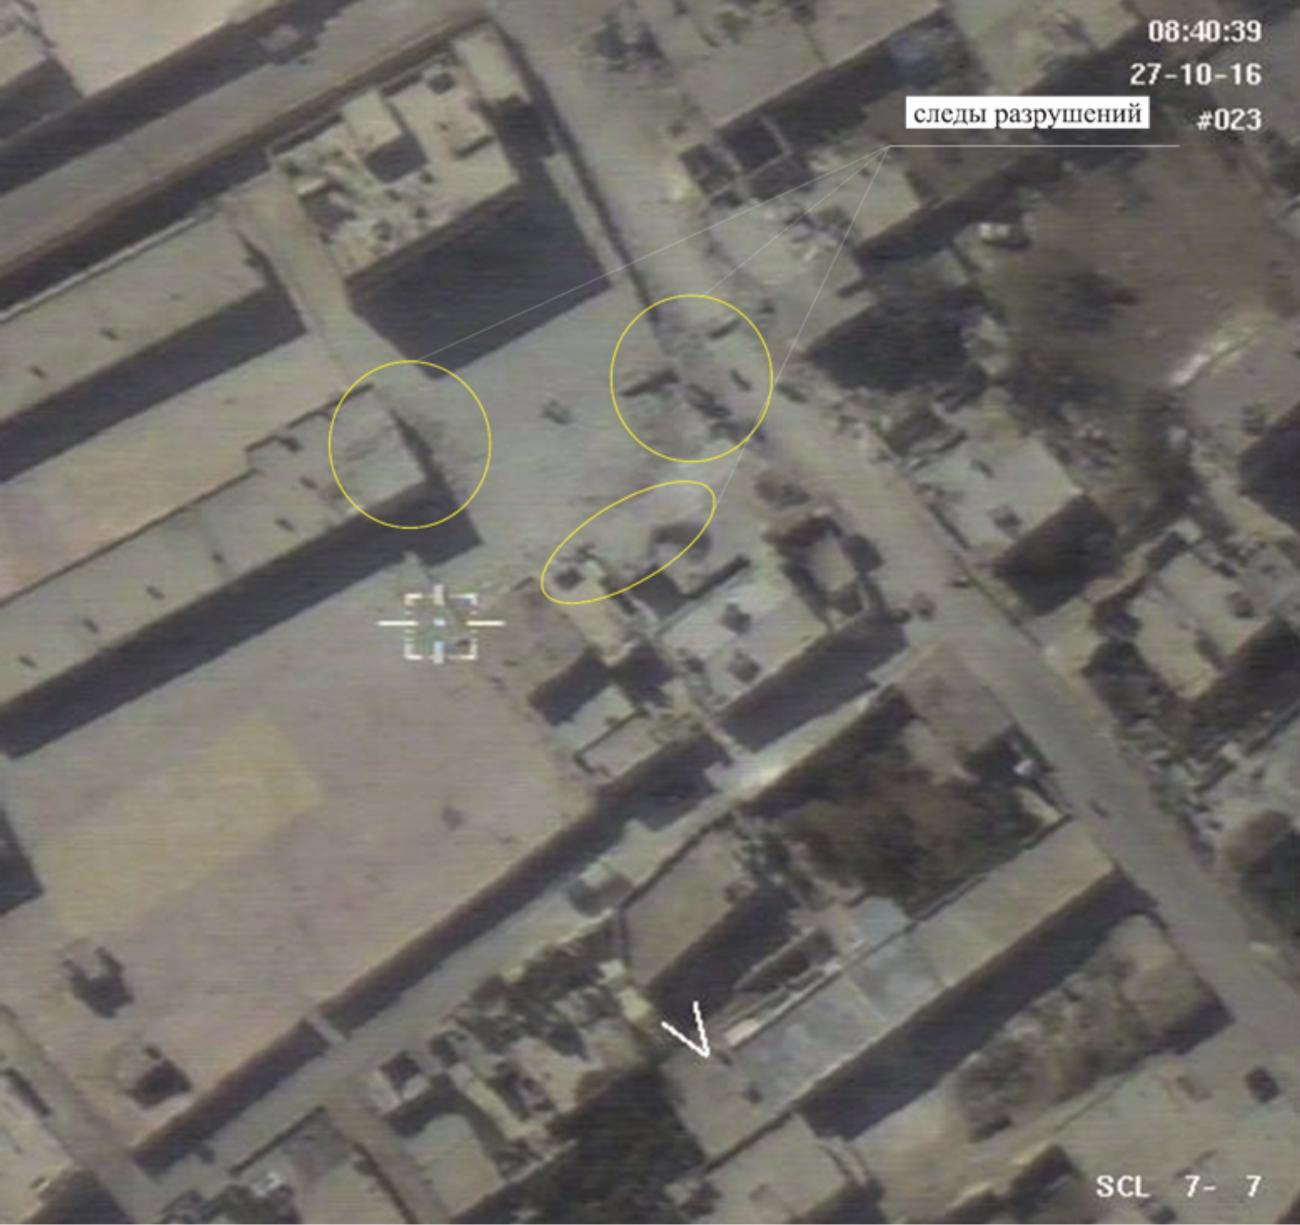 Vir: Rusko ministrstvo za obrambo.